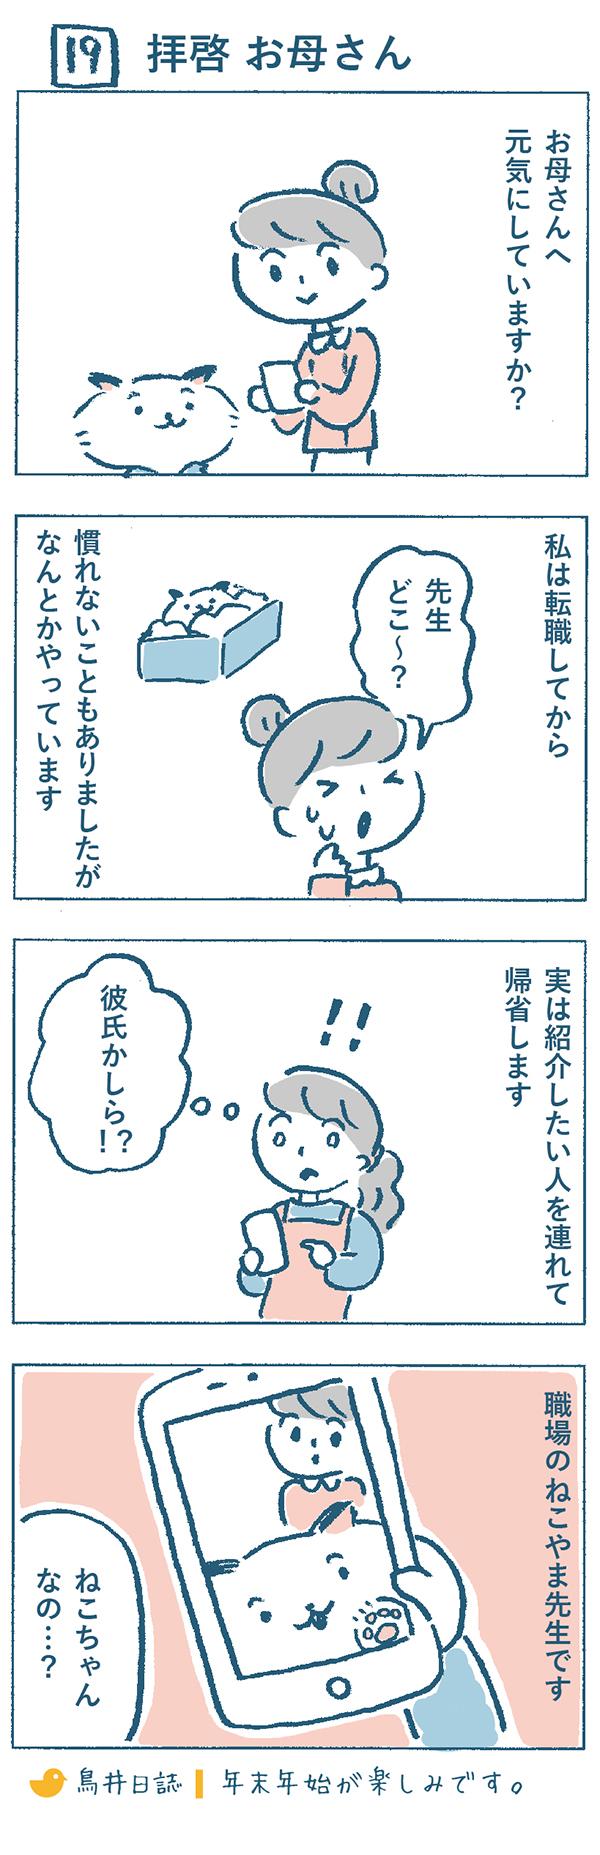 タイトル:拝啓 お母さん。年末が近くなったある日、奈央子はお母さんにメールを送りました。『お母さんへ、元気にしていますか?私は転職してから慣れないこともありましたが、なんとかやっています。実は紹介したい人を連れて帰省します。職場のねこやま先生です。』メールを受け取ったお母さんは、紹介したい人と聞いて、『彼氏かしら!?』と驚きましたが、添付されていた写真がねこちゃんなのをみて、「ねこちゃんなの…?」とさらに不思議に思うのでした。